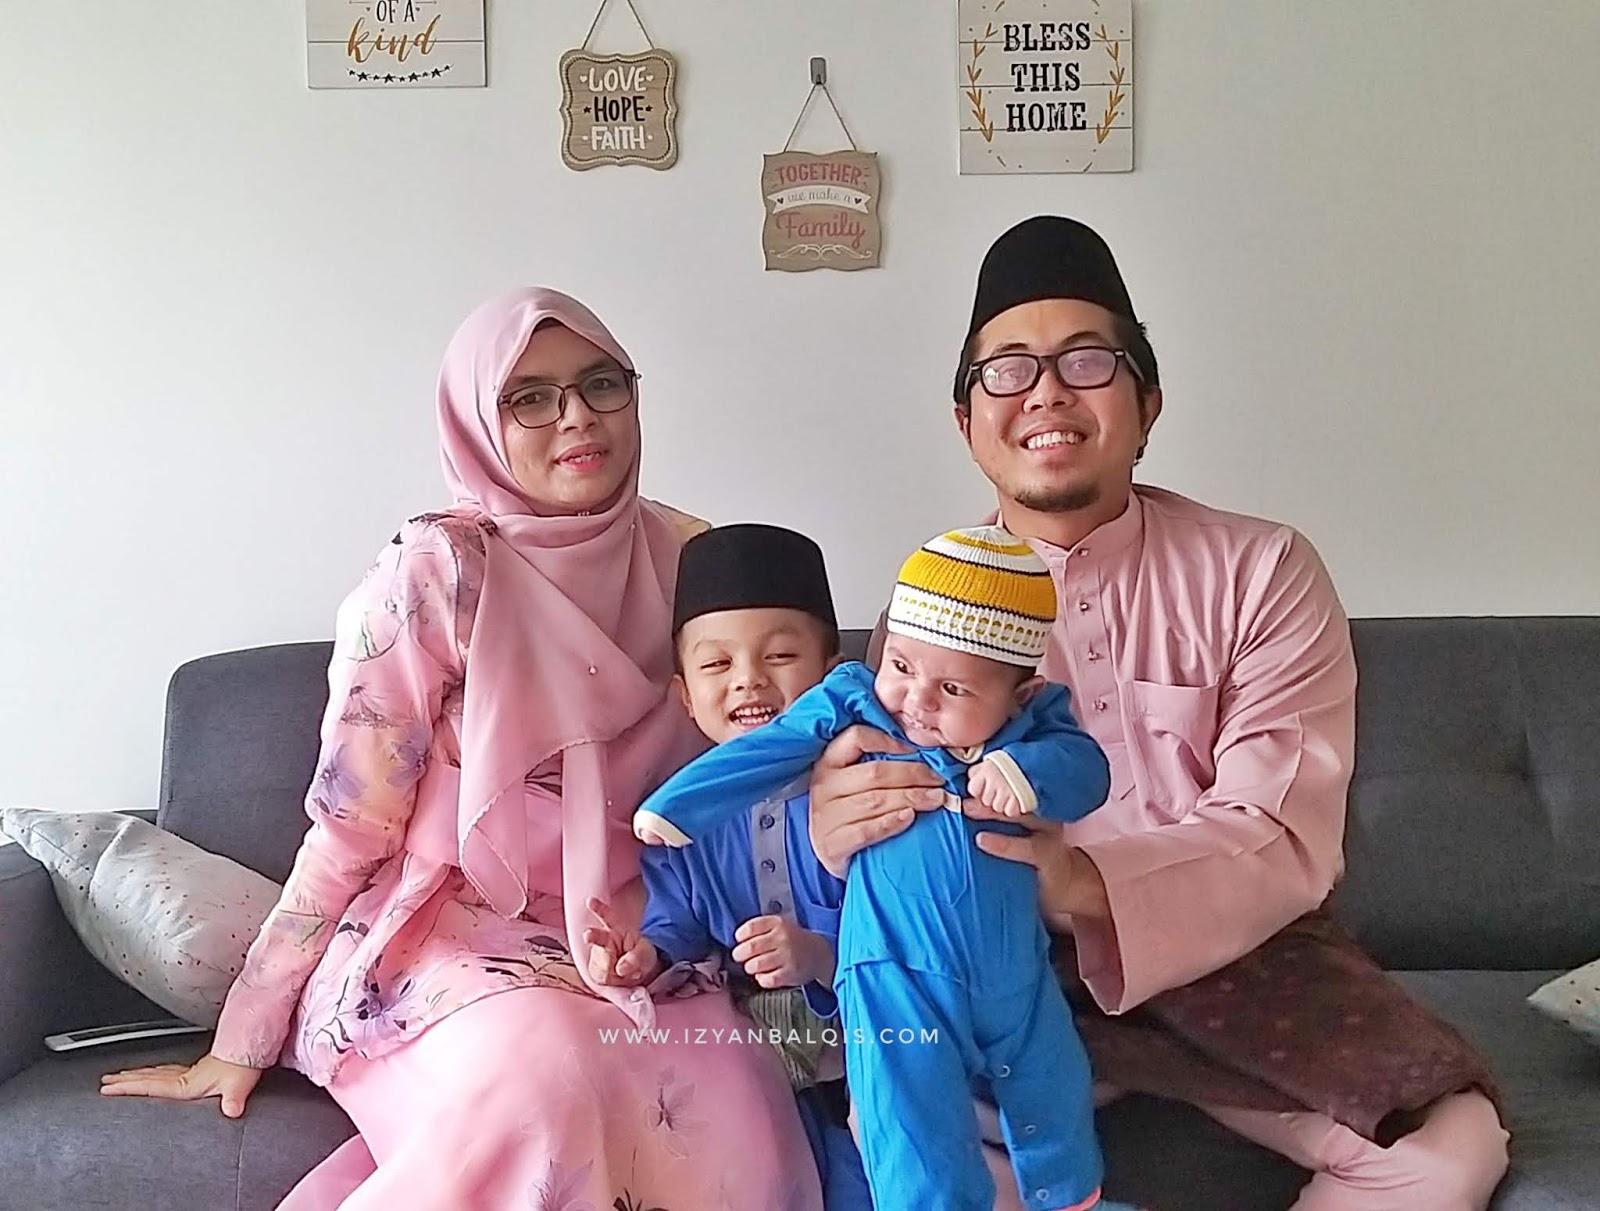 Sambutan Raya Sederhana Bersama Keluarga